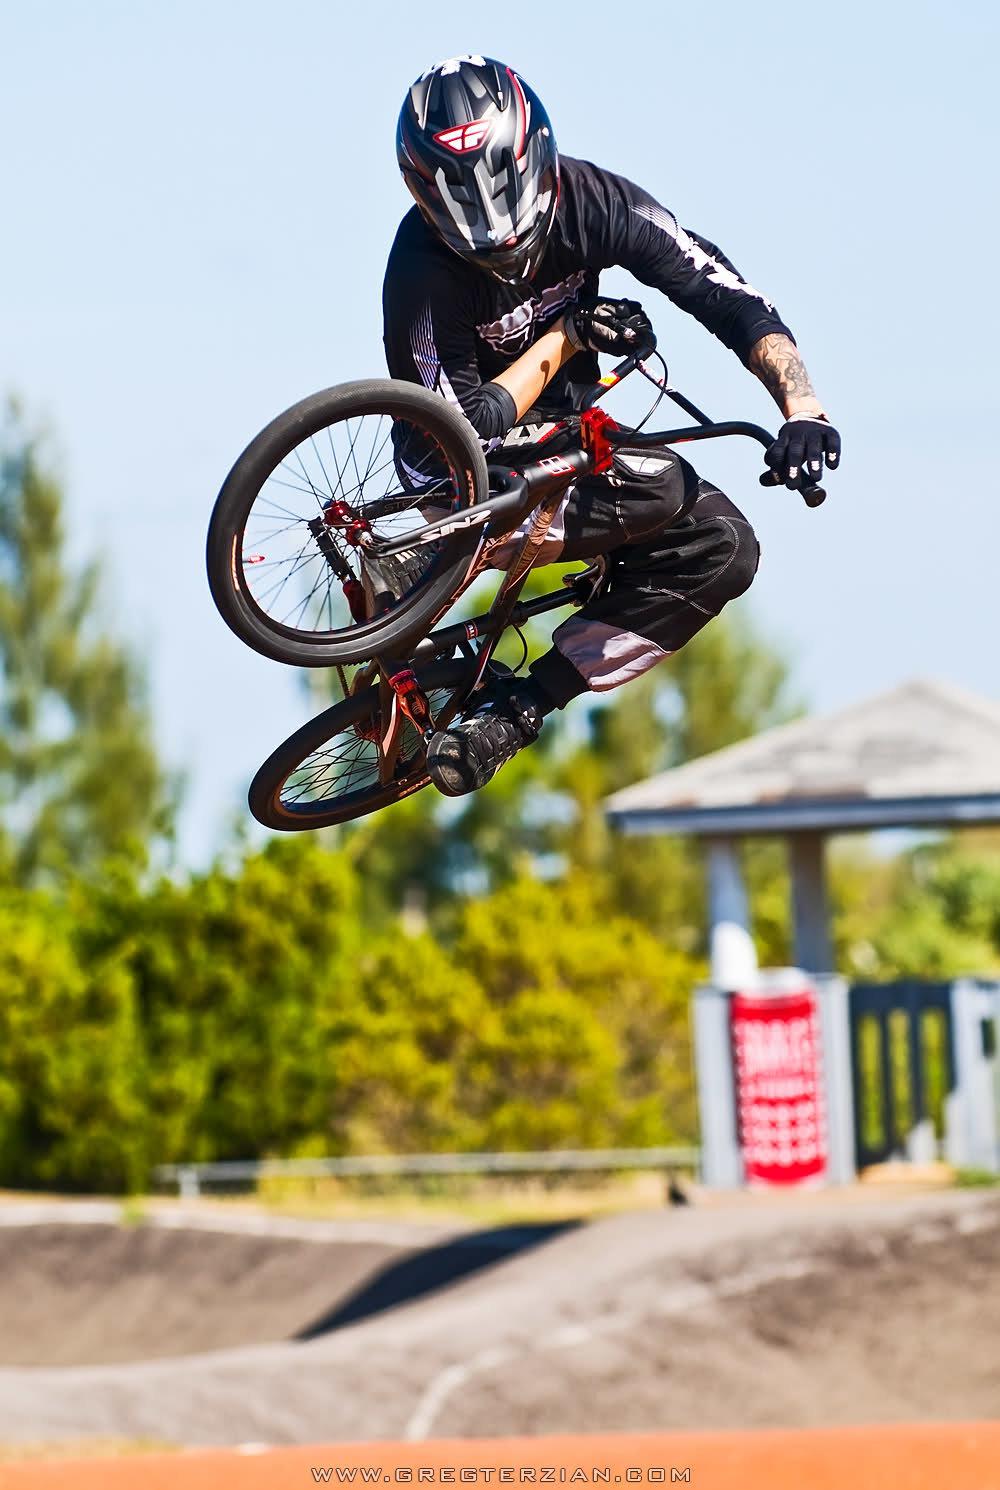 Техника выполнения трюков на бмх для новичков и опытных велосипедистов